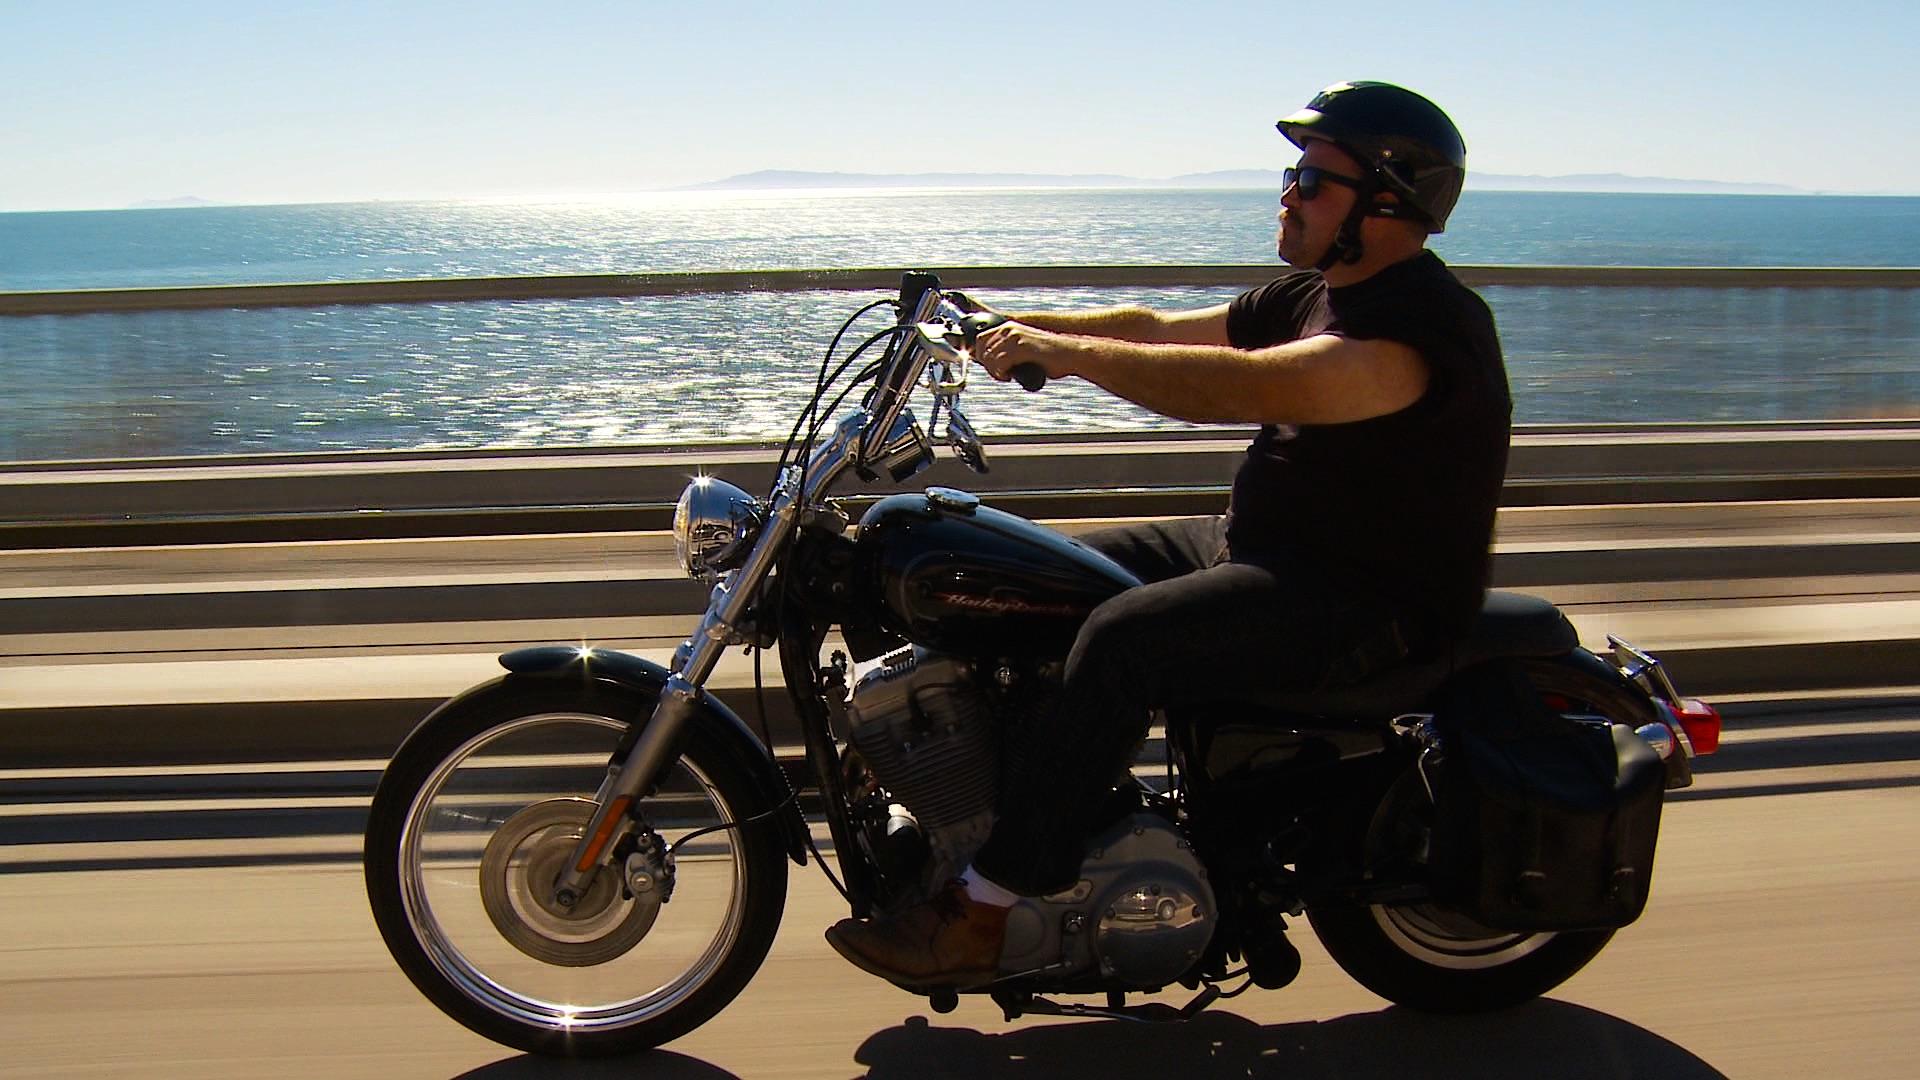 Santa Barbara Motorcycle Rental, Santa Barbara CA.  To Contact Customer Service or Book by Phone, Call 1-805-708-5372 .